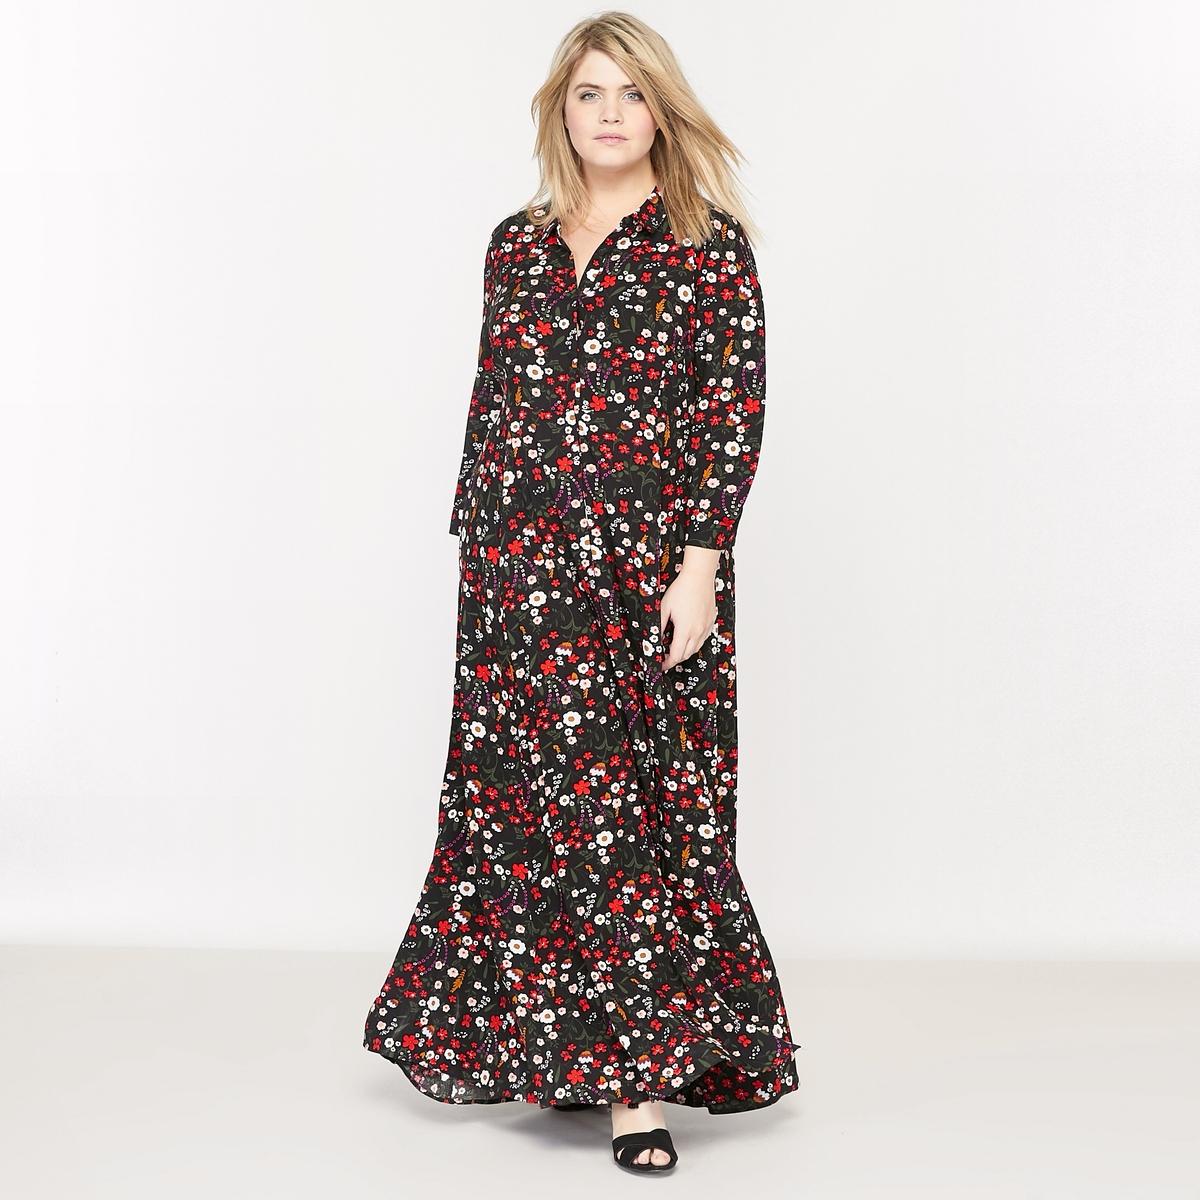 Платье длинное с цветочным рисункомСостав и описание :Материал : ткань с цветочным рисунком, 100% вискоза.Длина посередине сзади 145 см.Марка : CASTALUNAУход : Машинная стирка при 40 °С.<br><br>Цвет: цветочный рисунок<br>Размер: 52 (FR) - 58 (RUS)